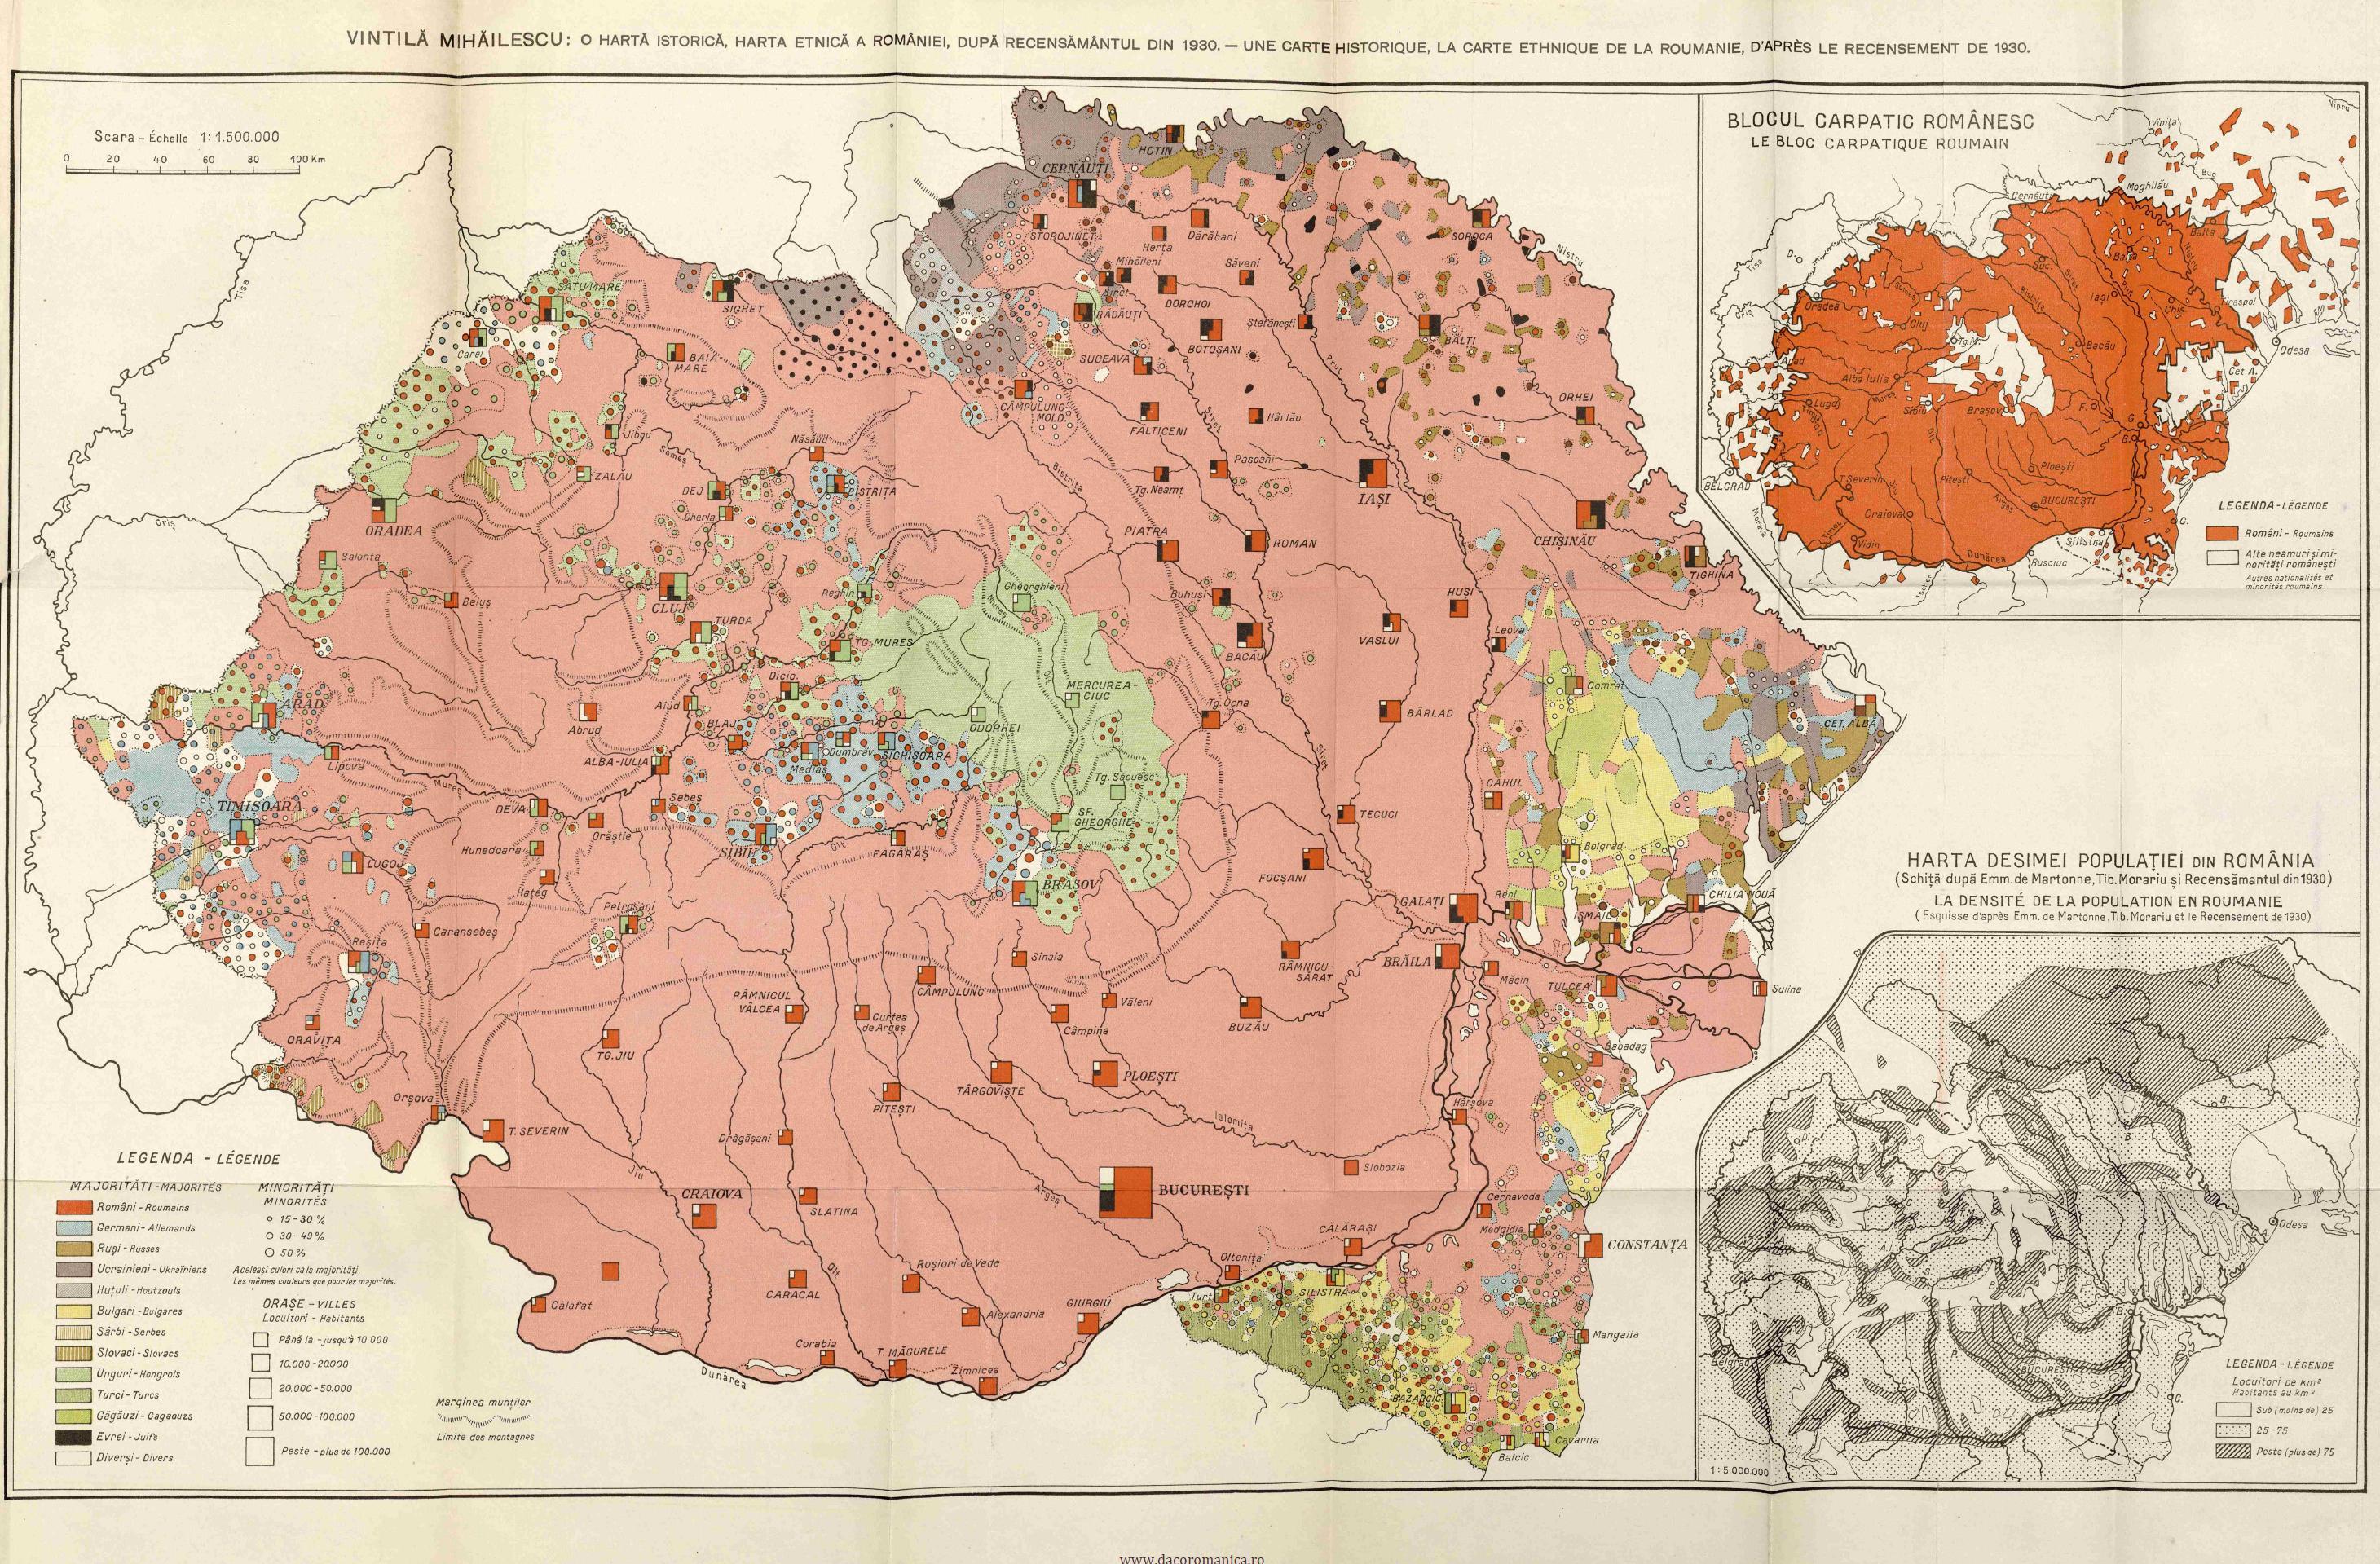 File De Istorie Recensămantul Din 1930 Harlau625 S Blog